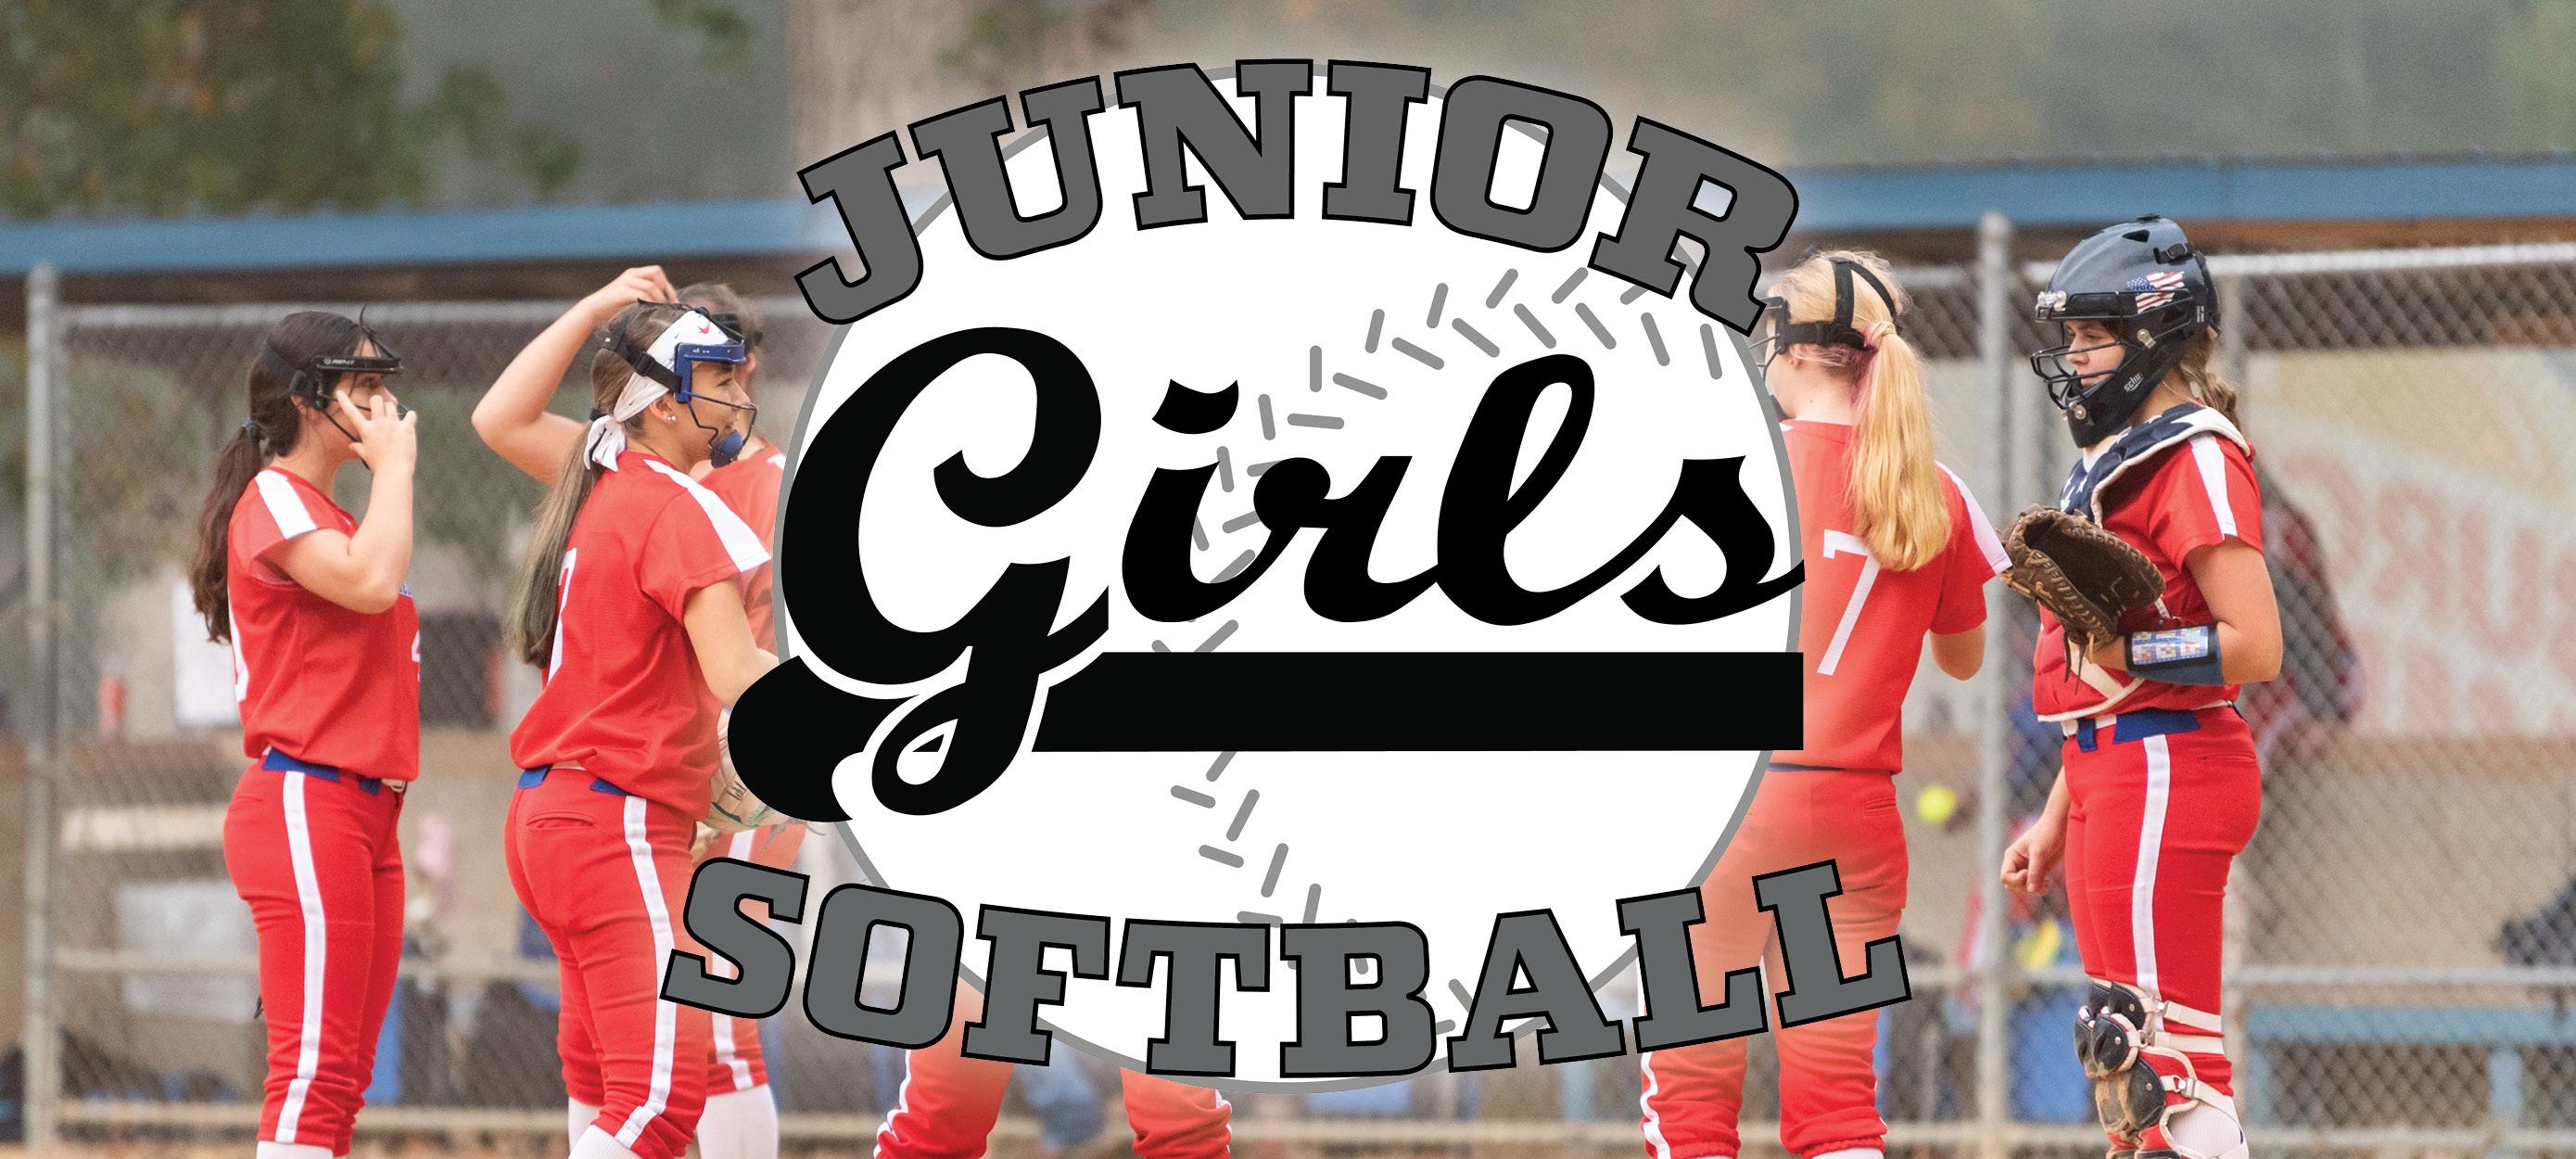 Softball - Junior Girls Spring League